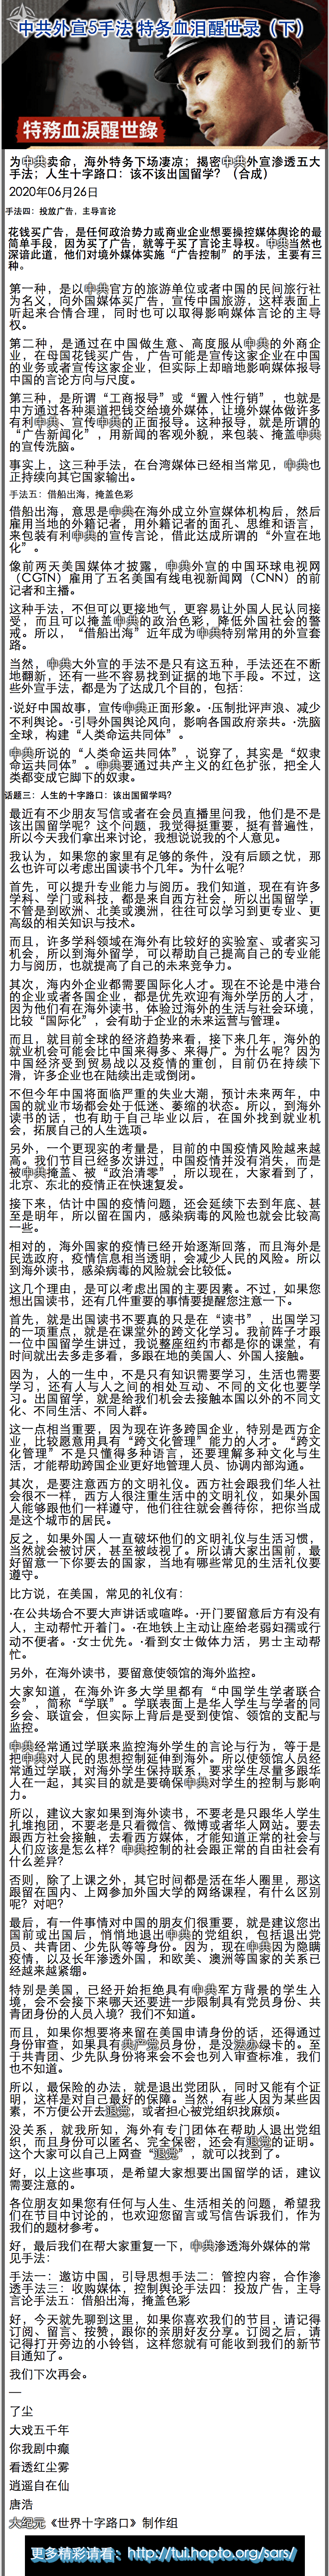 中共外宣5手法 特务血泪醒世录(上